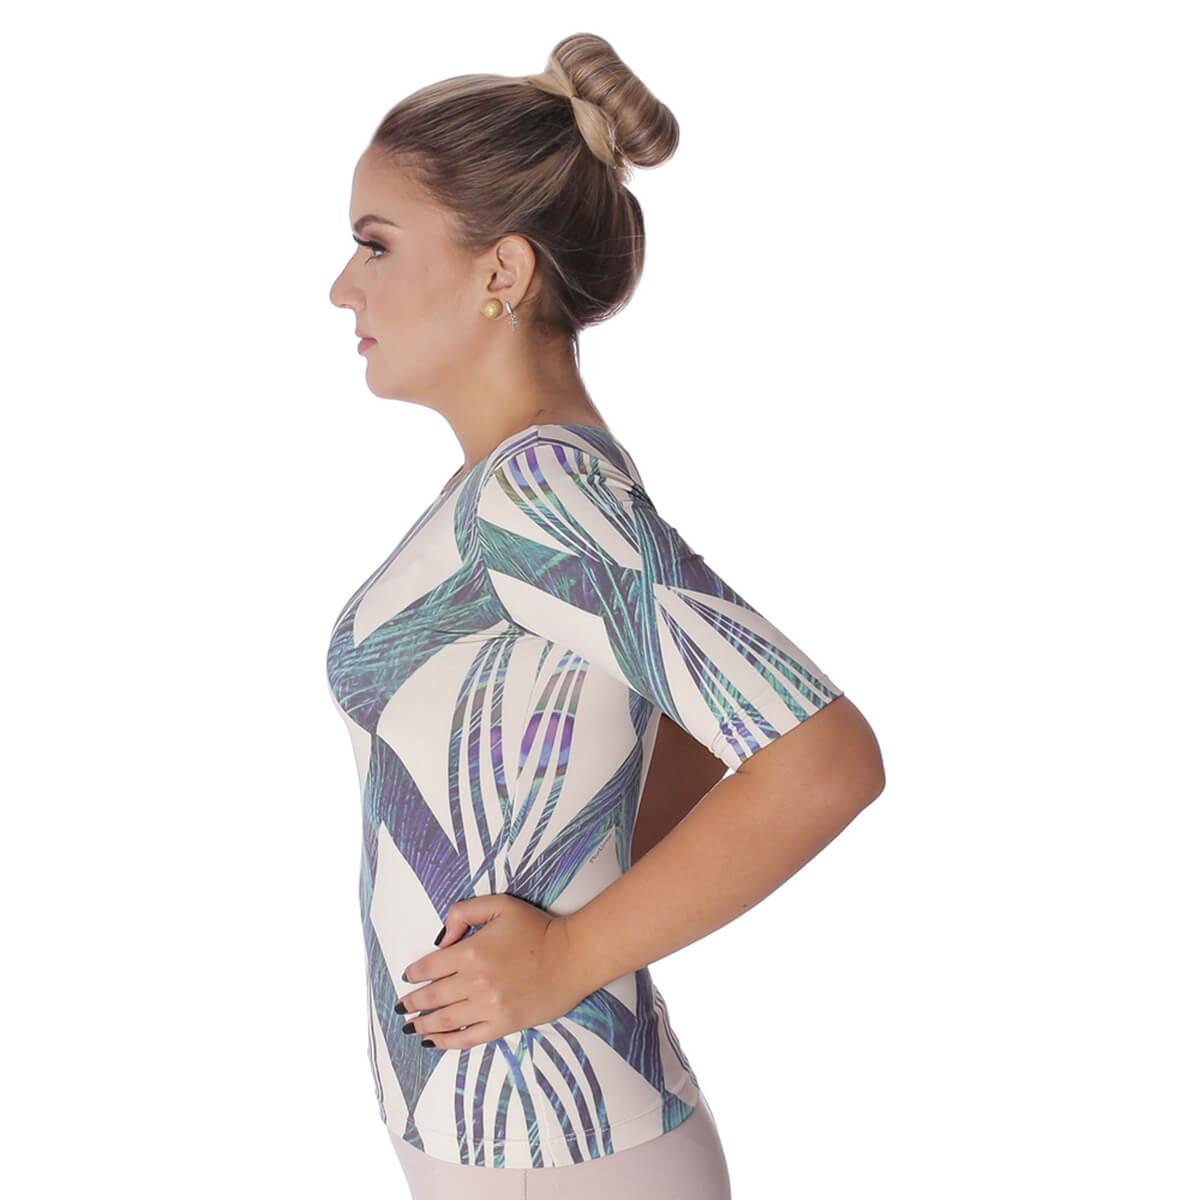 Blusa Feminina com Proteção Solar UV Meia Manga Estampa Geométrica Exclusiva Azul com Penas de Pavão Decote Canoa